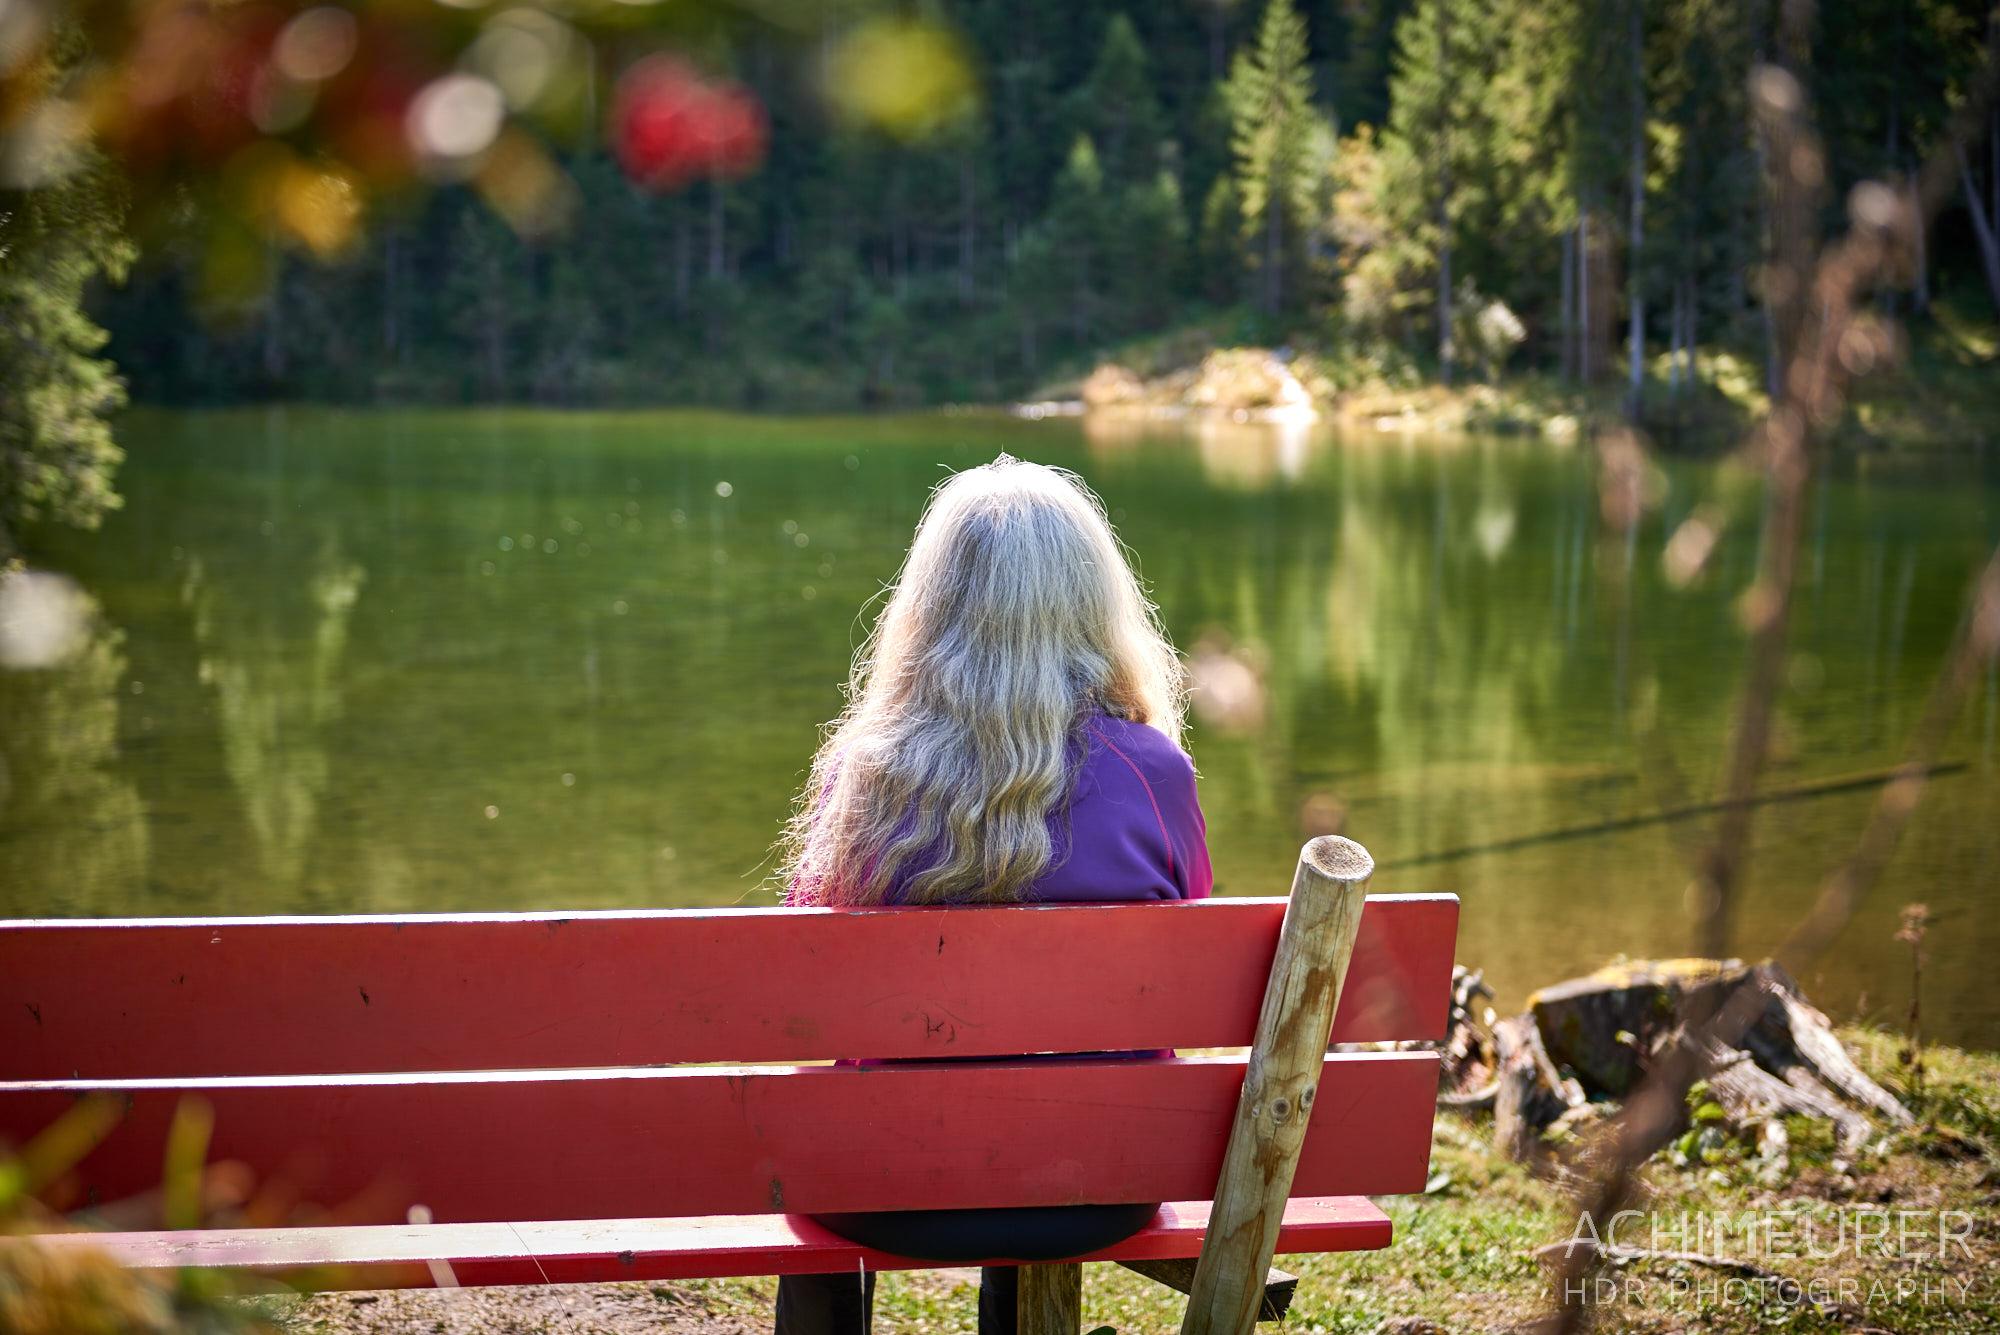 Herbststimmung am Höfersee, Tannheimertal, Tirol, Österreich by AchimMeurer.com .